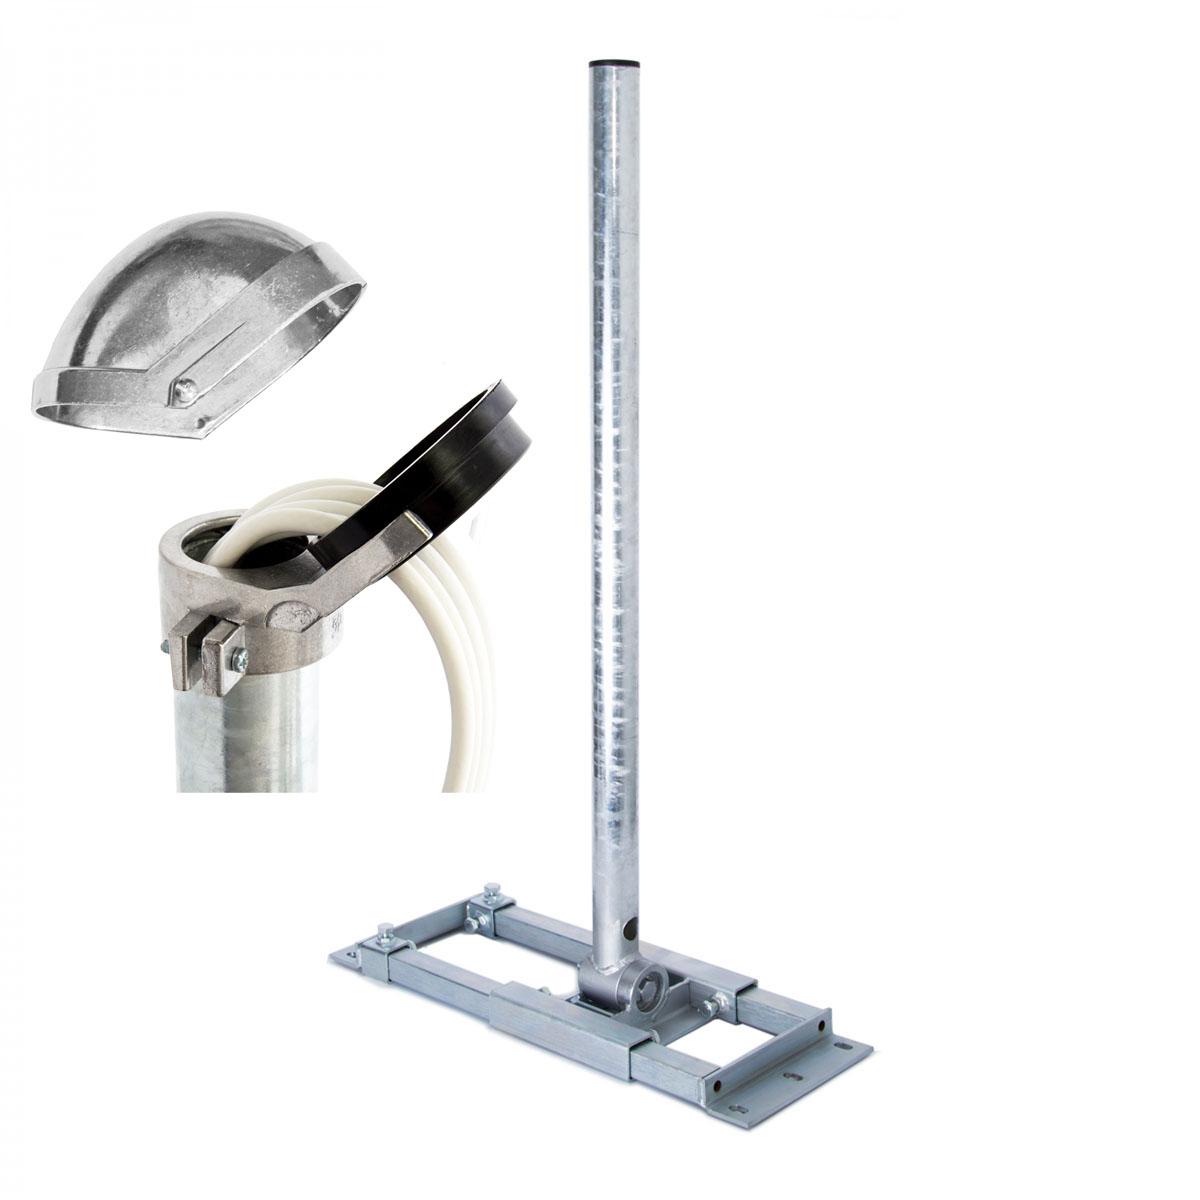 SAT Antenne Dachsparrenhalter 130cm Mast Sparrenhalter Dach Halterung Montageset